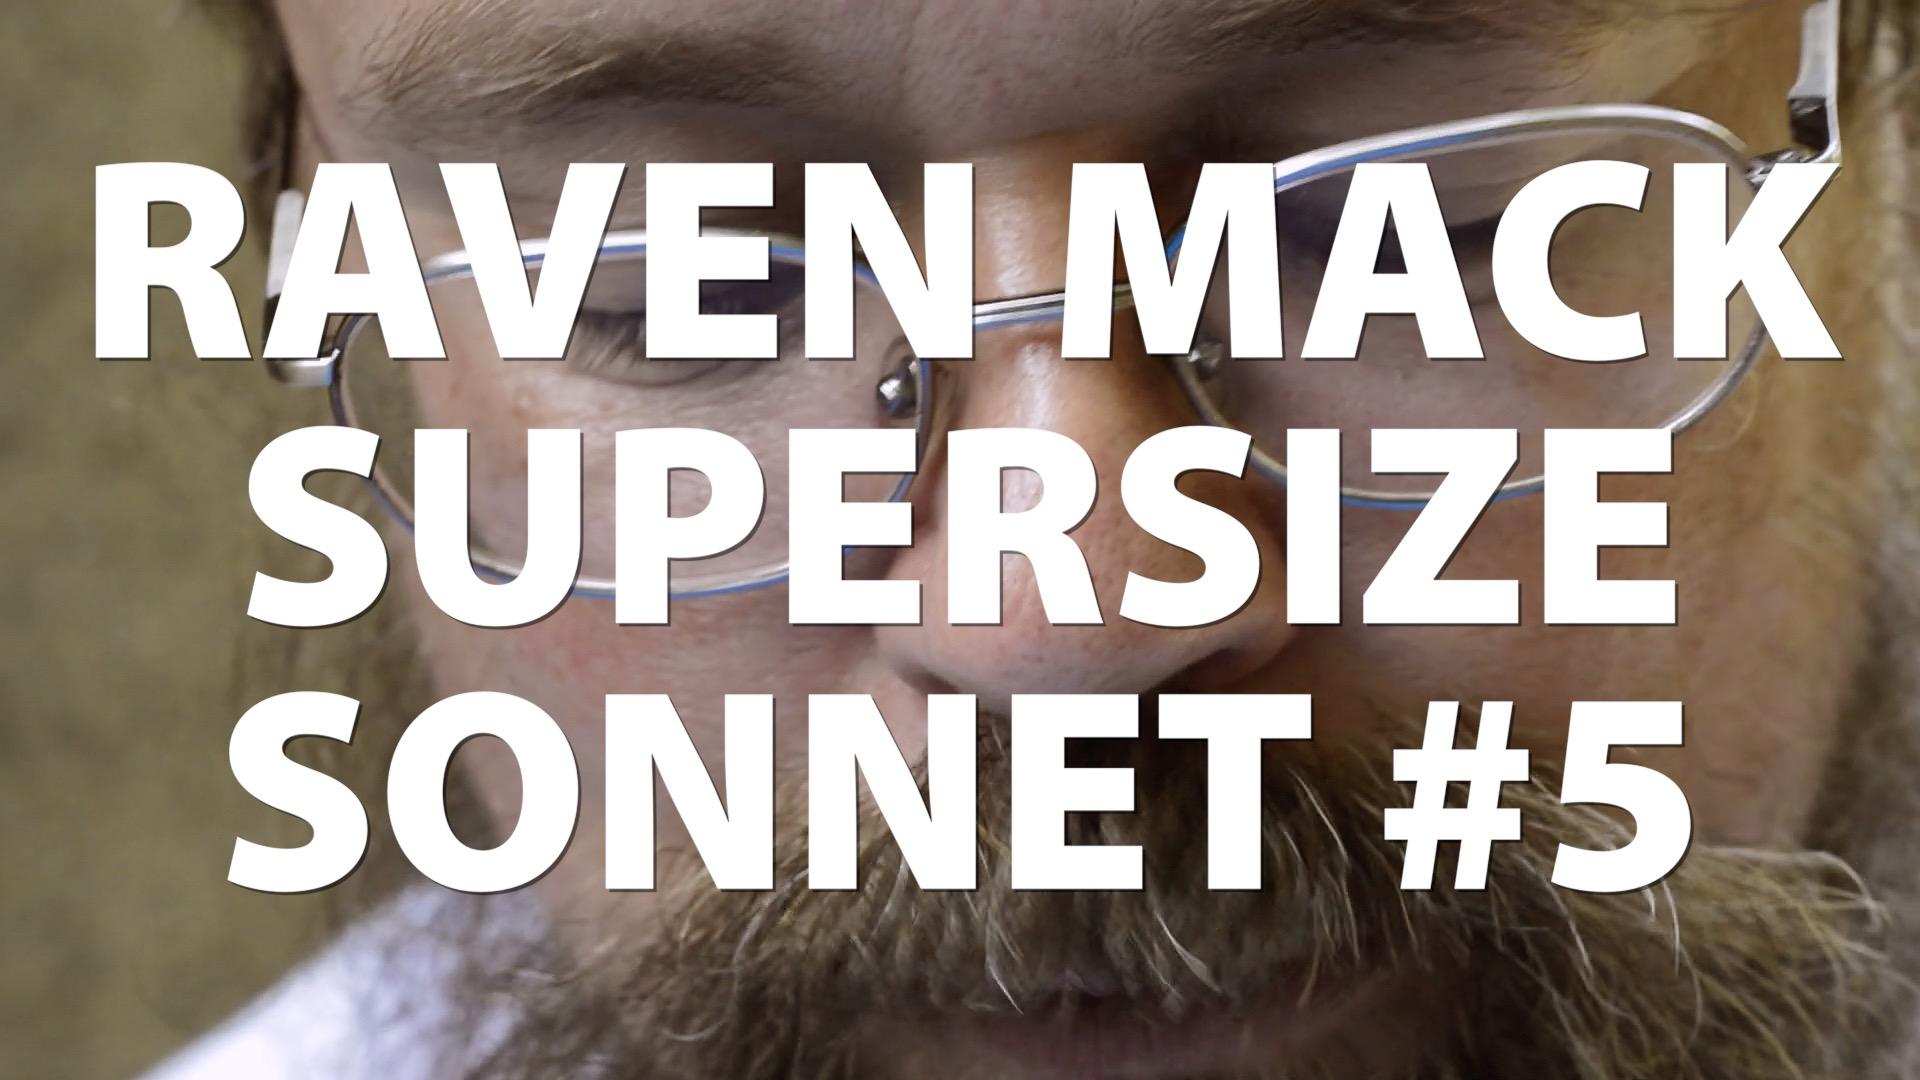 Raven Mack Supersized Sonnet #5